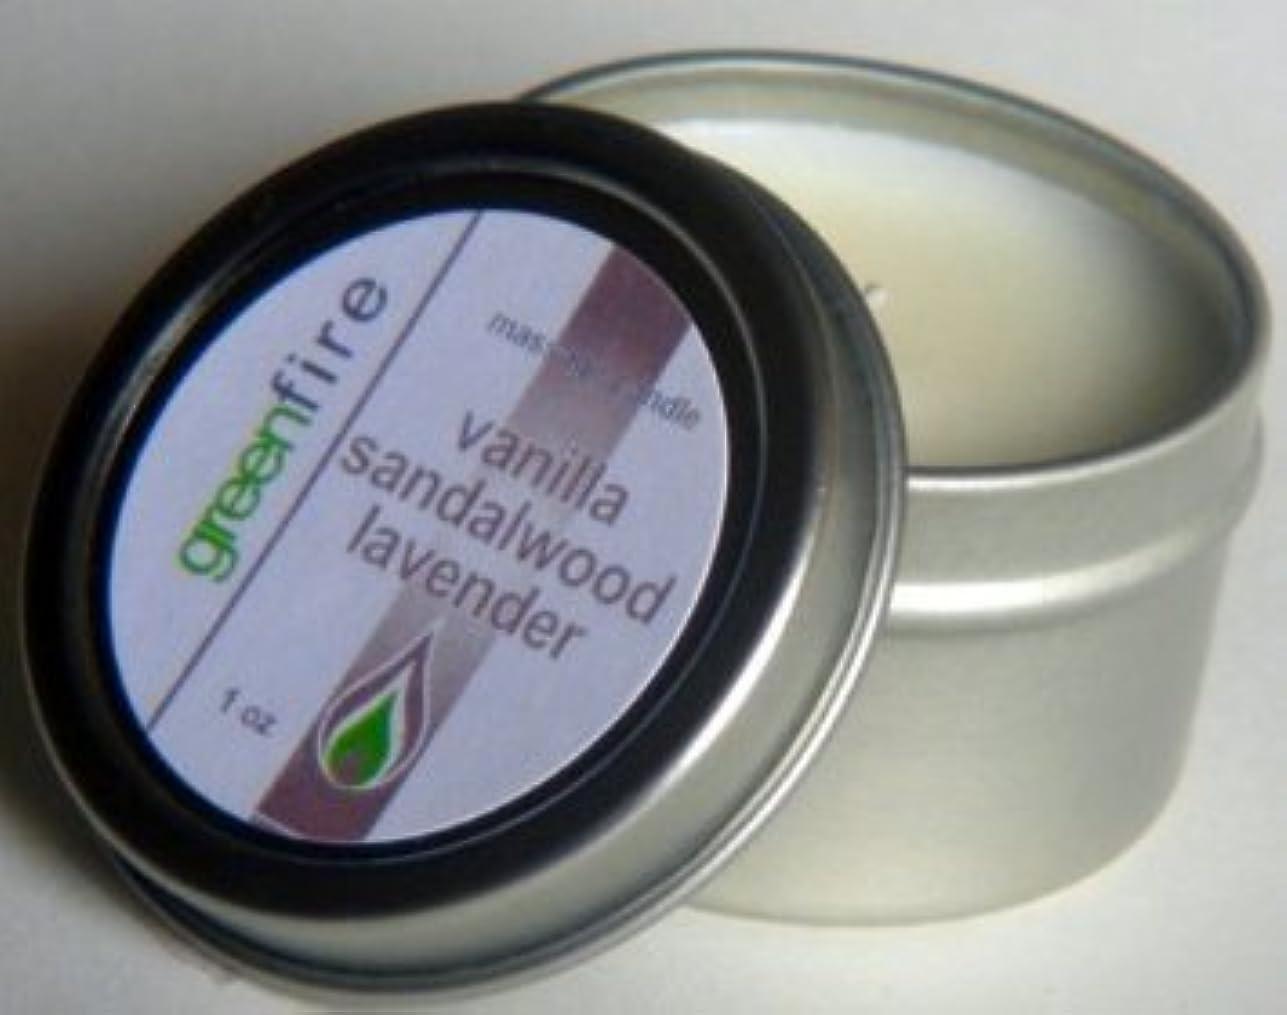 長方形タオル特異なグリーンファイヤーマッサージキャンドル ラベンダー?サンダルウッド?バニラの香り(サイズ:29.6mL)